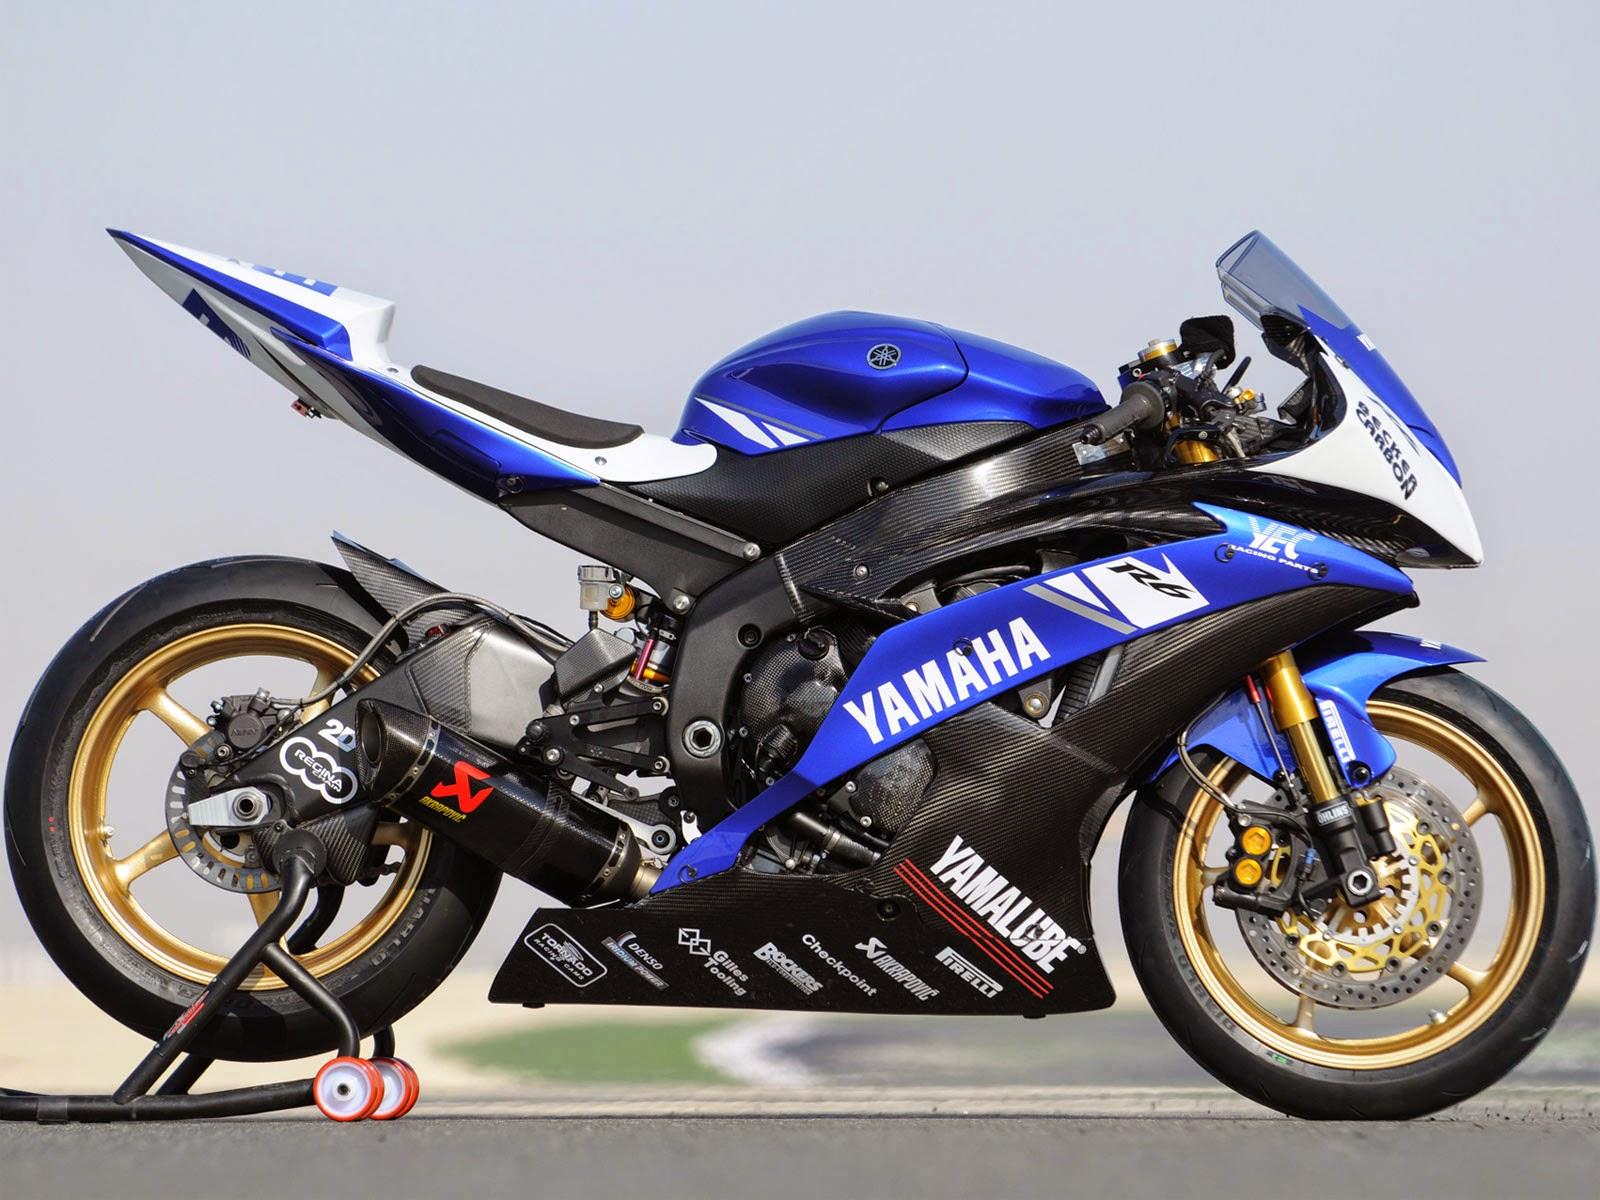 Modifikasi Motor Yamaha Gt 125  Thecitycyclist